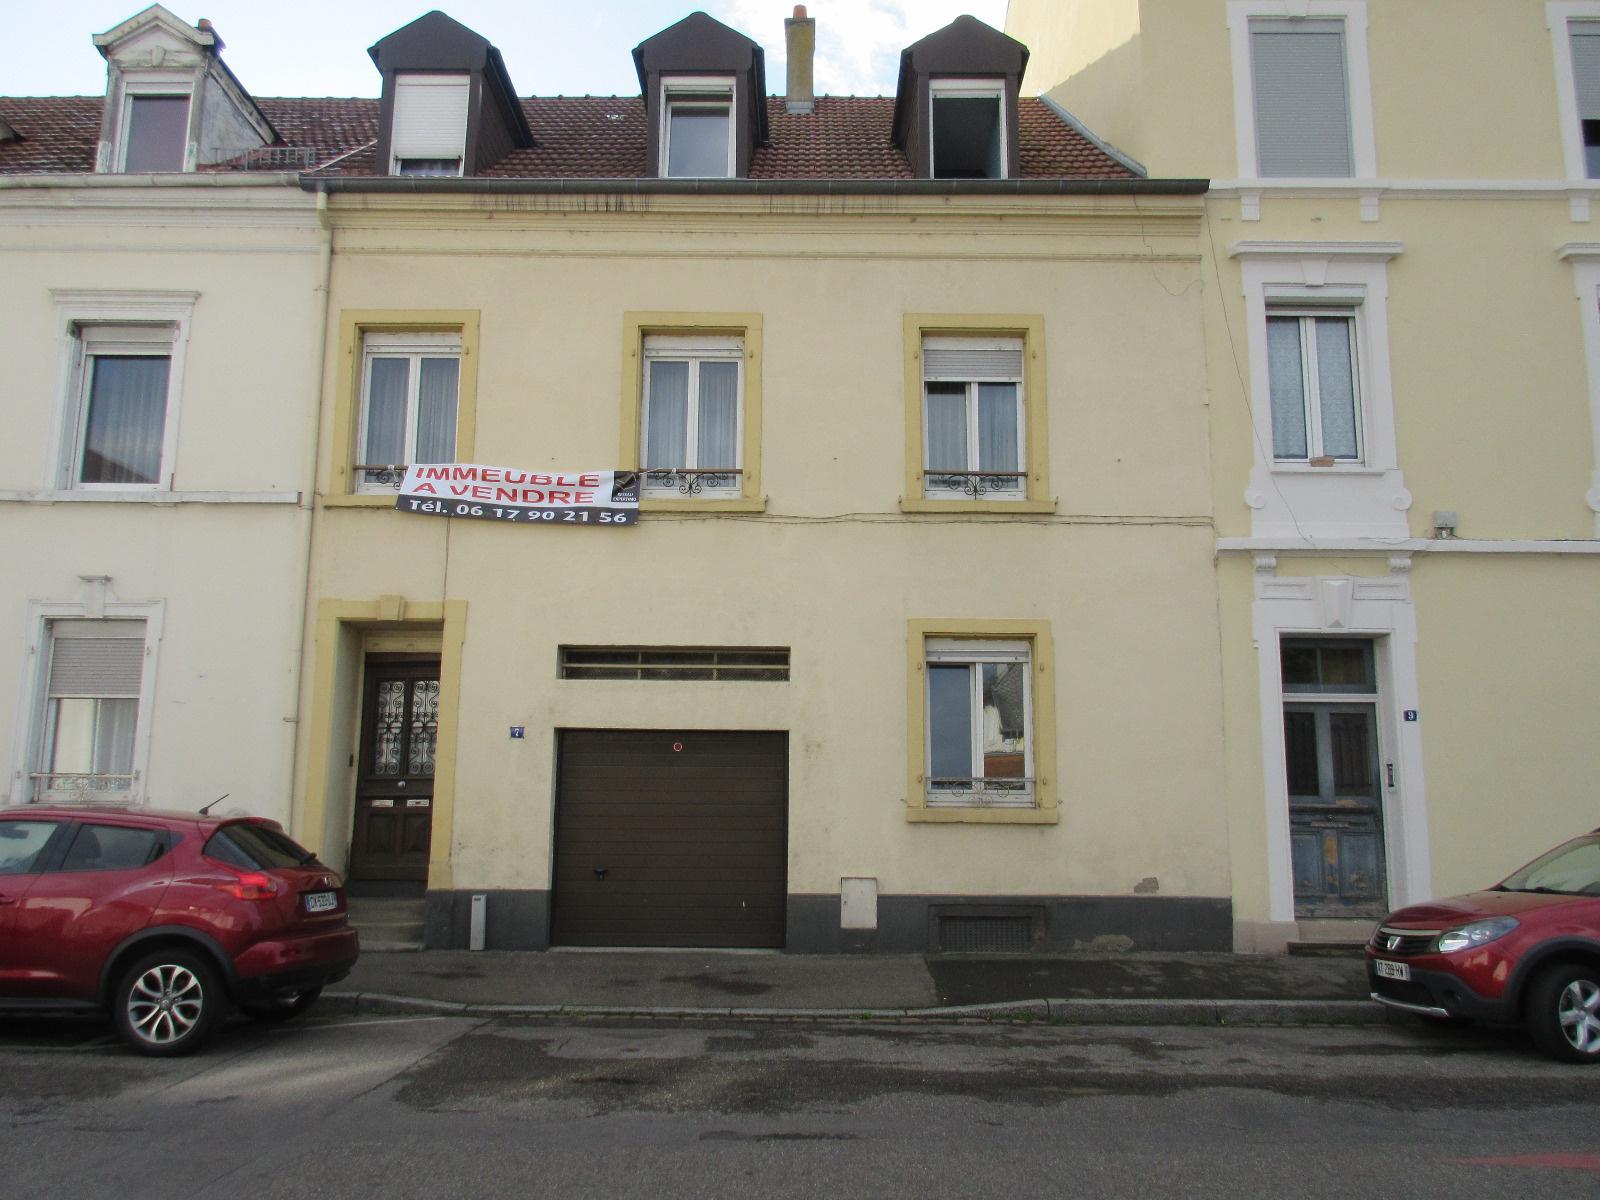 Vente bureau commerce mulhouse 68100 sur le partenaire for Chambre de commerce mulhouse